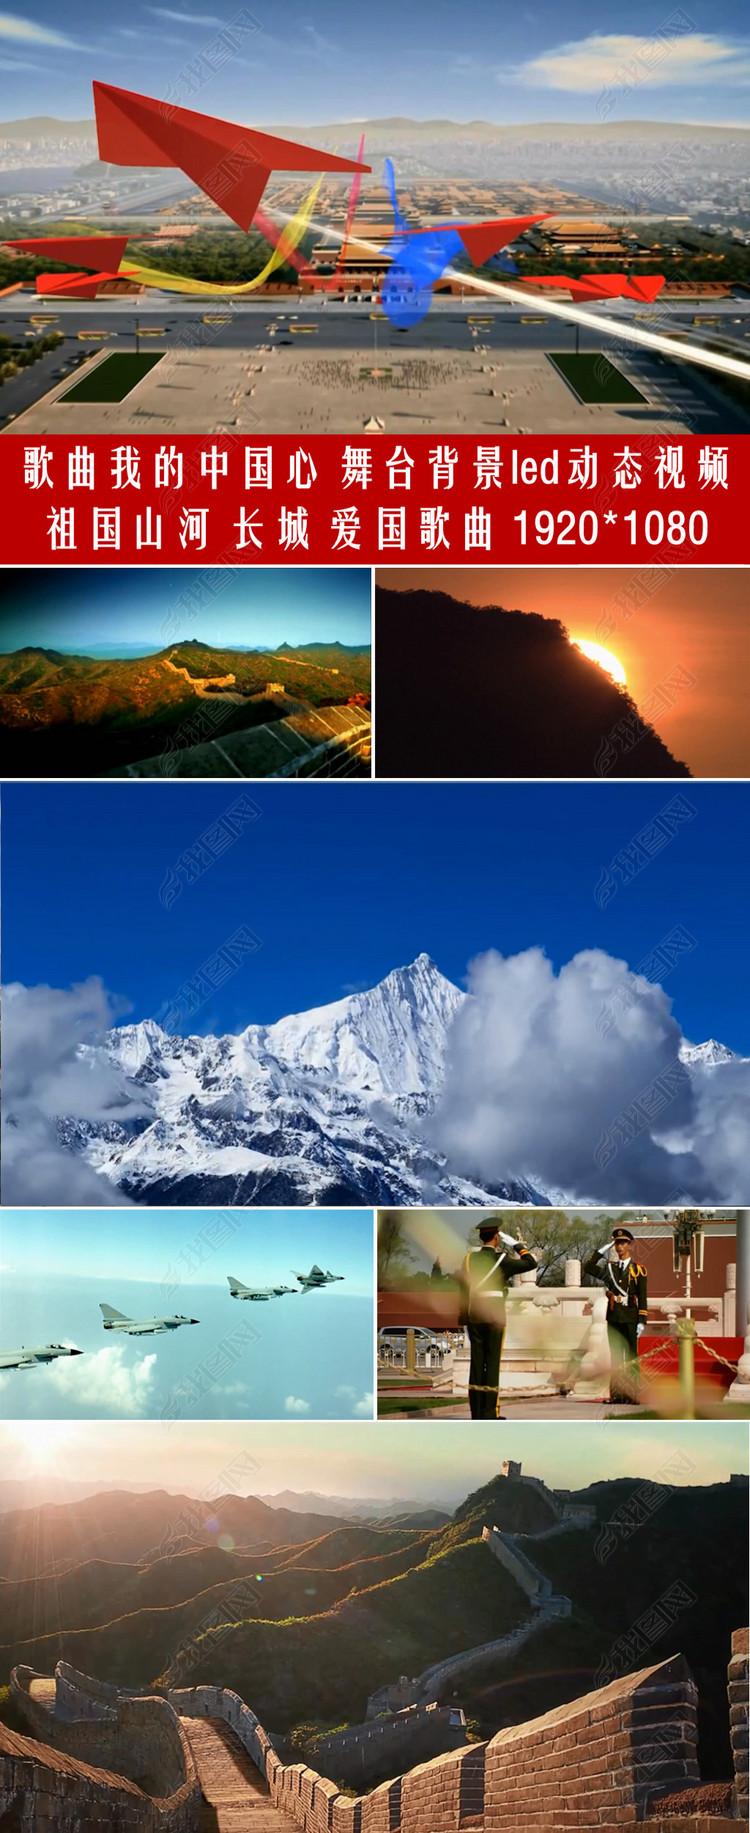 我的中国心舞台背景壮丽山河led视频